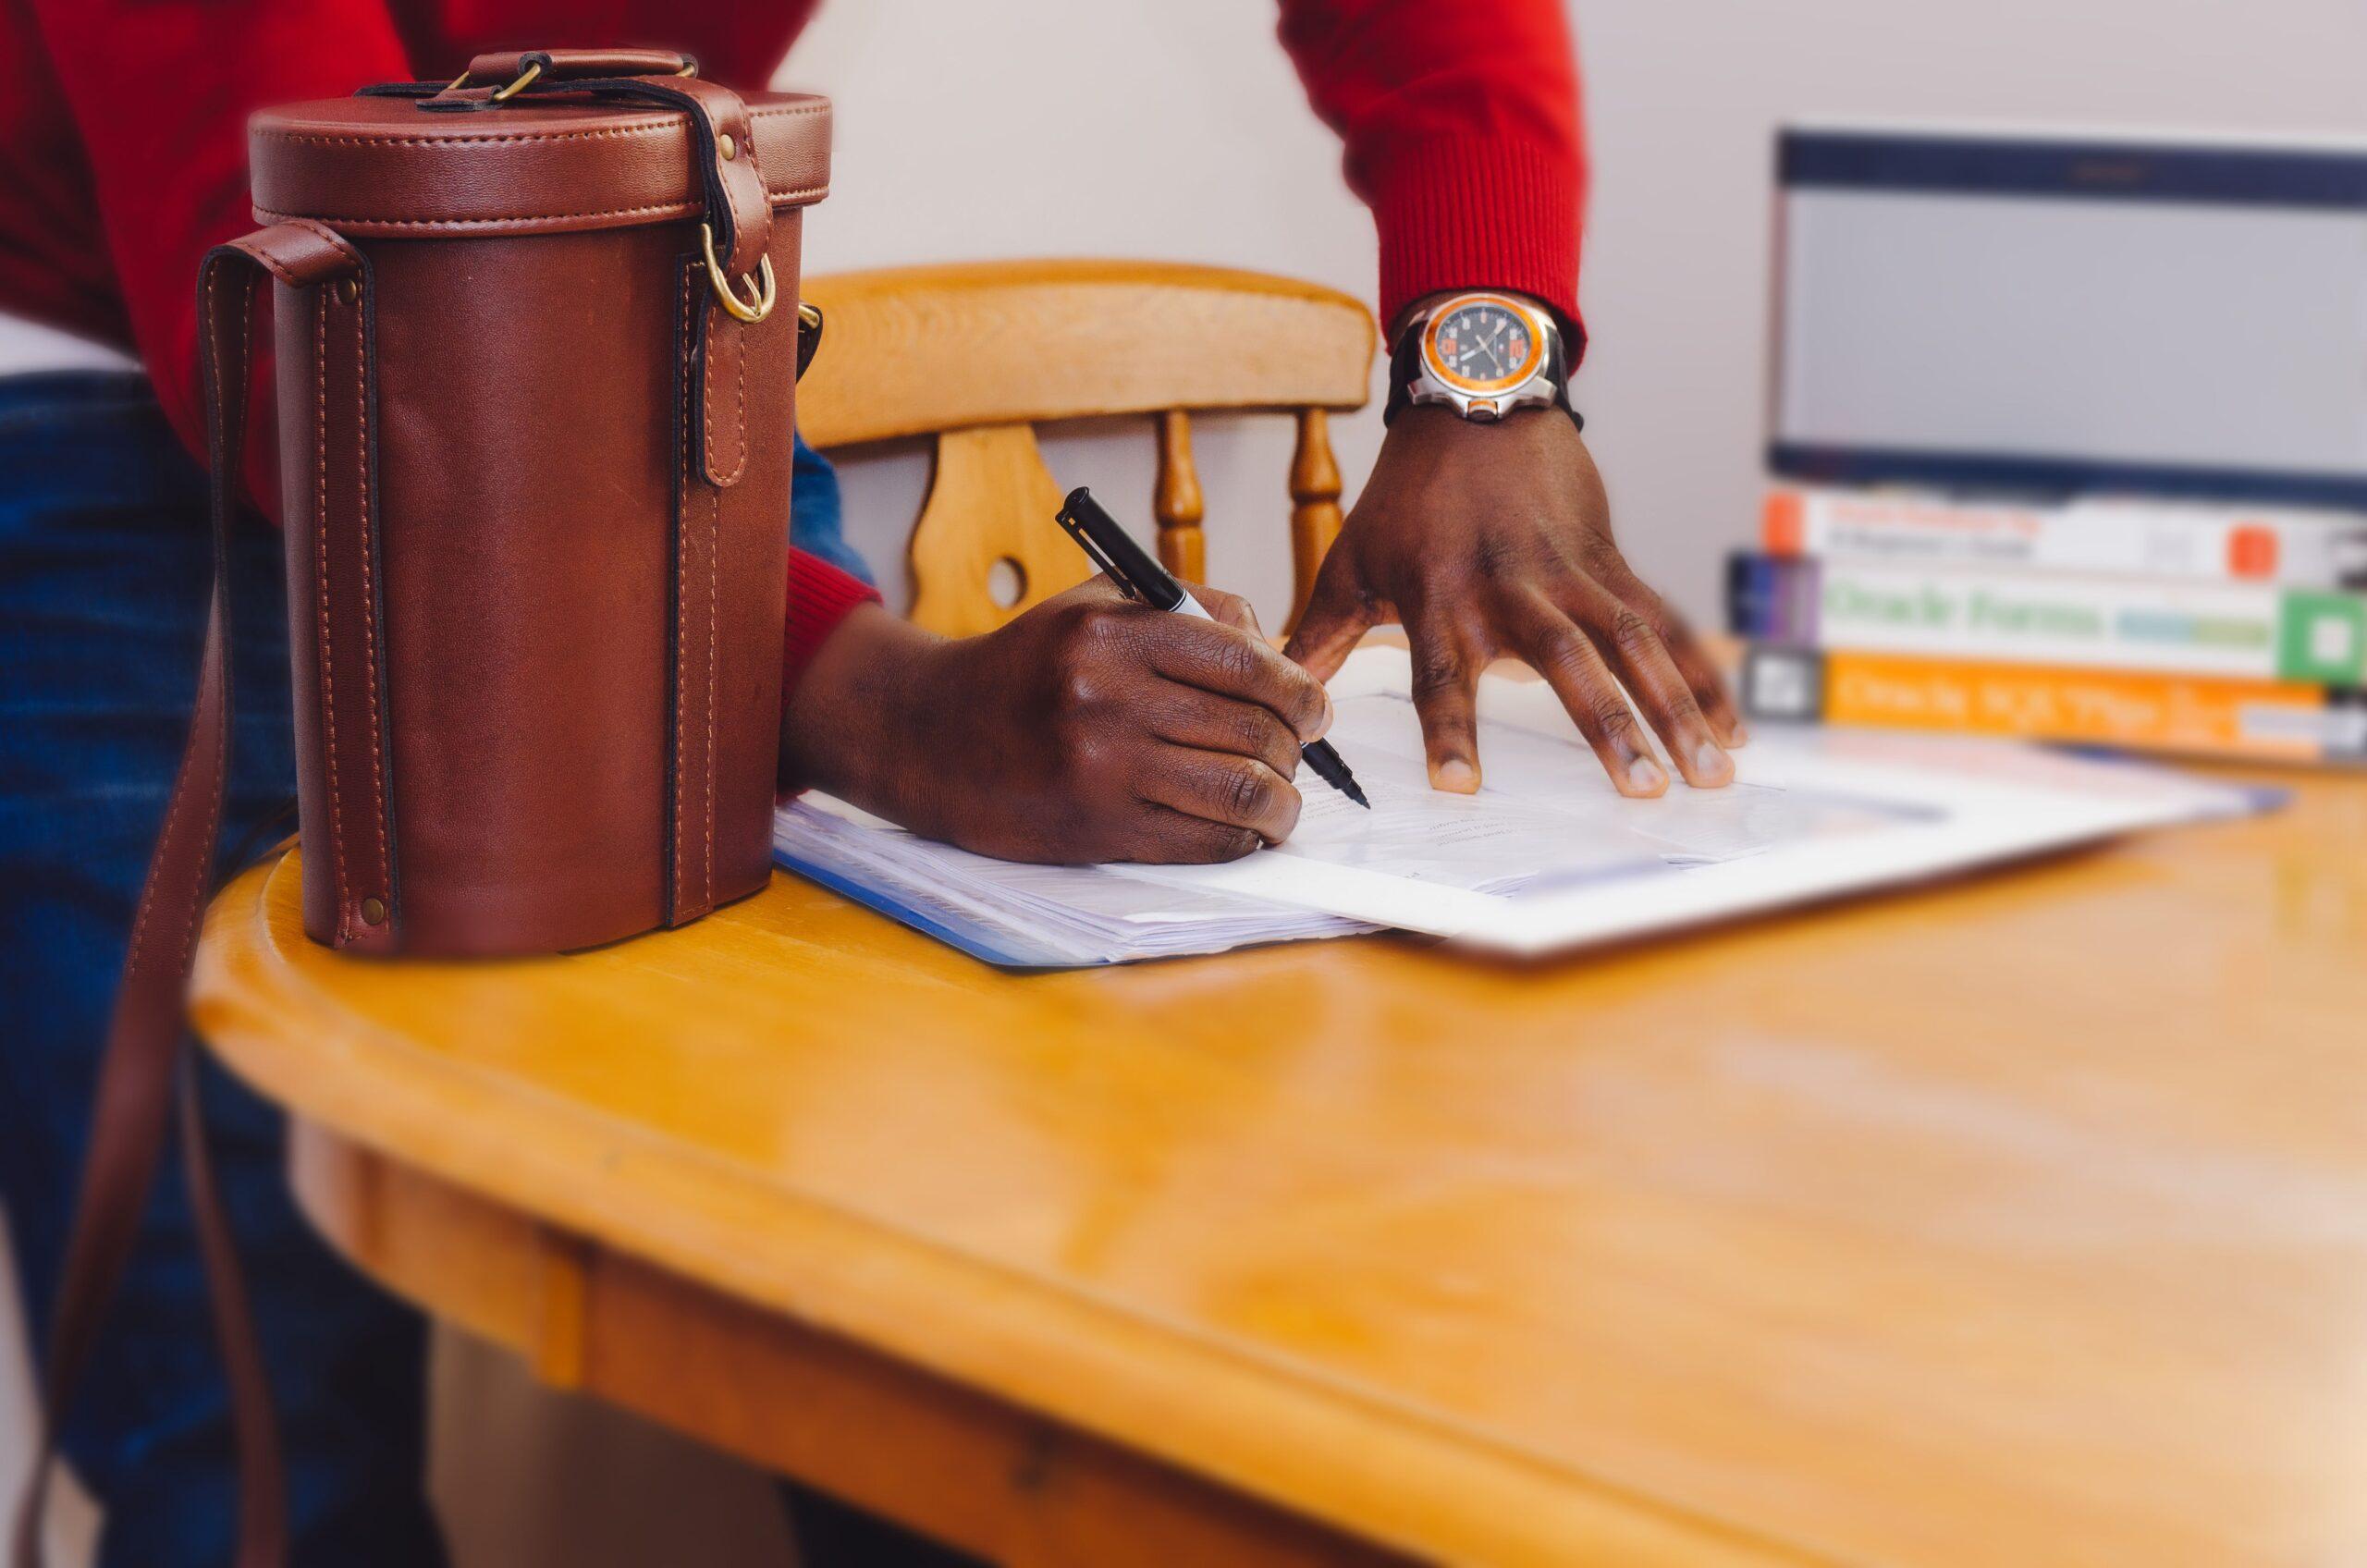 特定技能人材を受け入れる事業所が満たすべき事項について